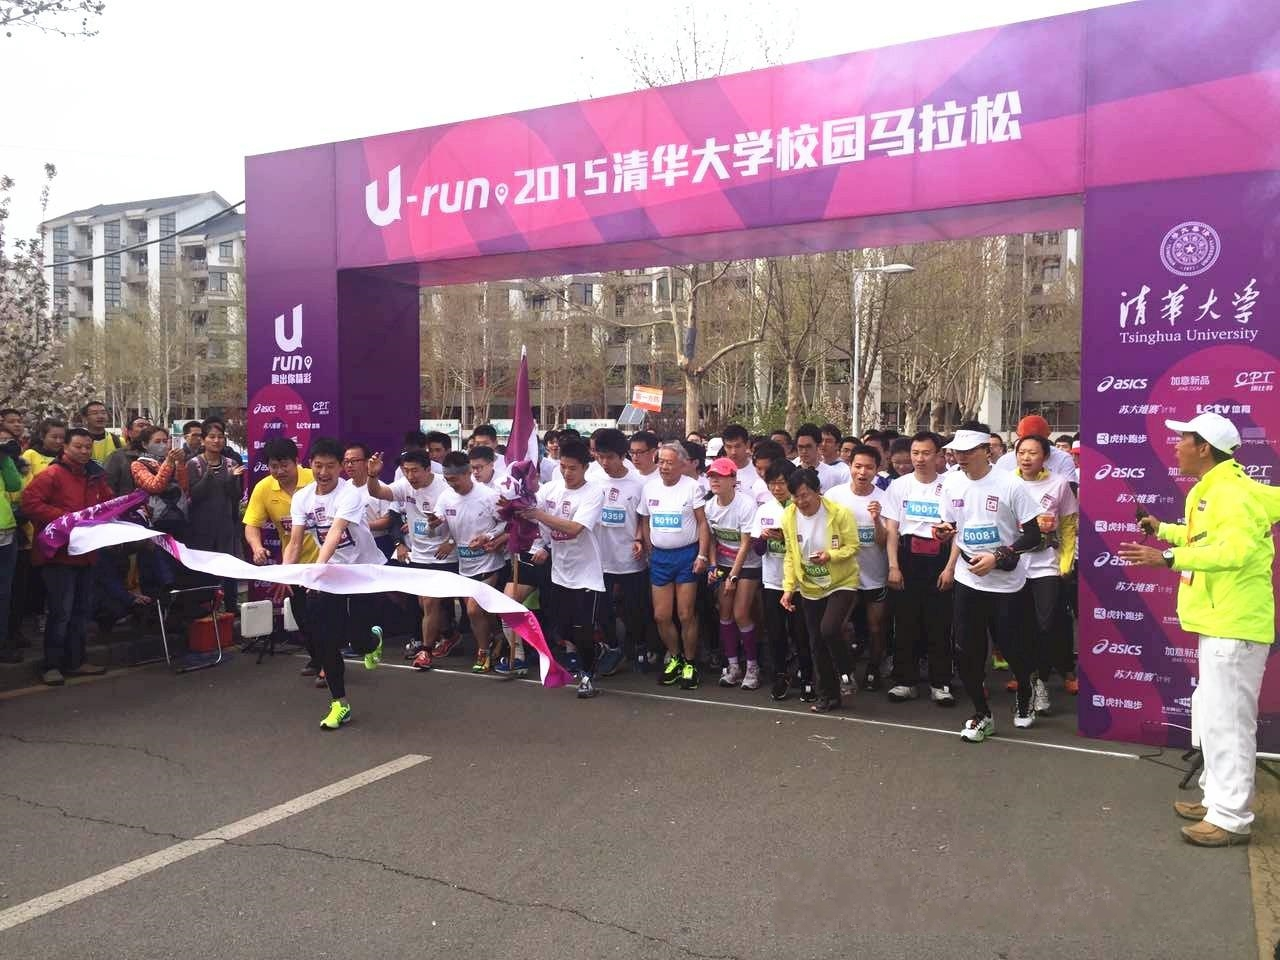 亚瑟士鼎力支持2015年清华校园马拉松